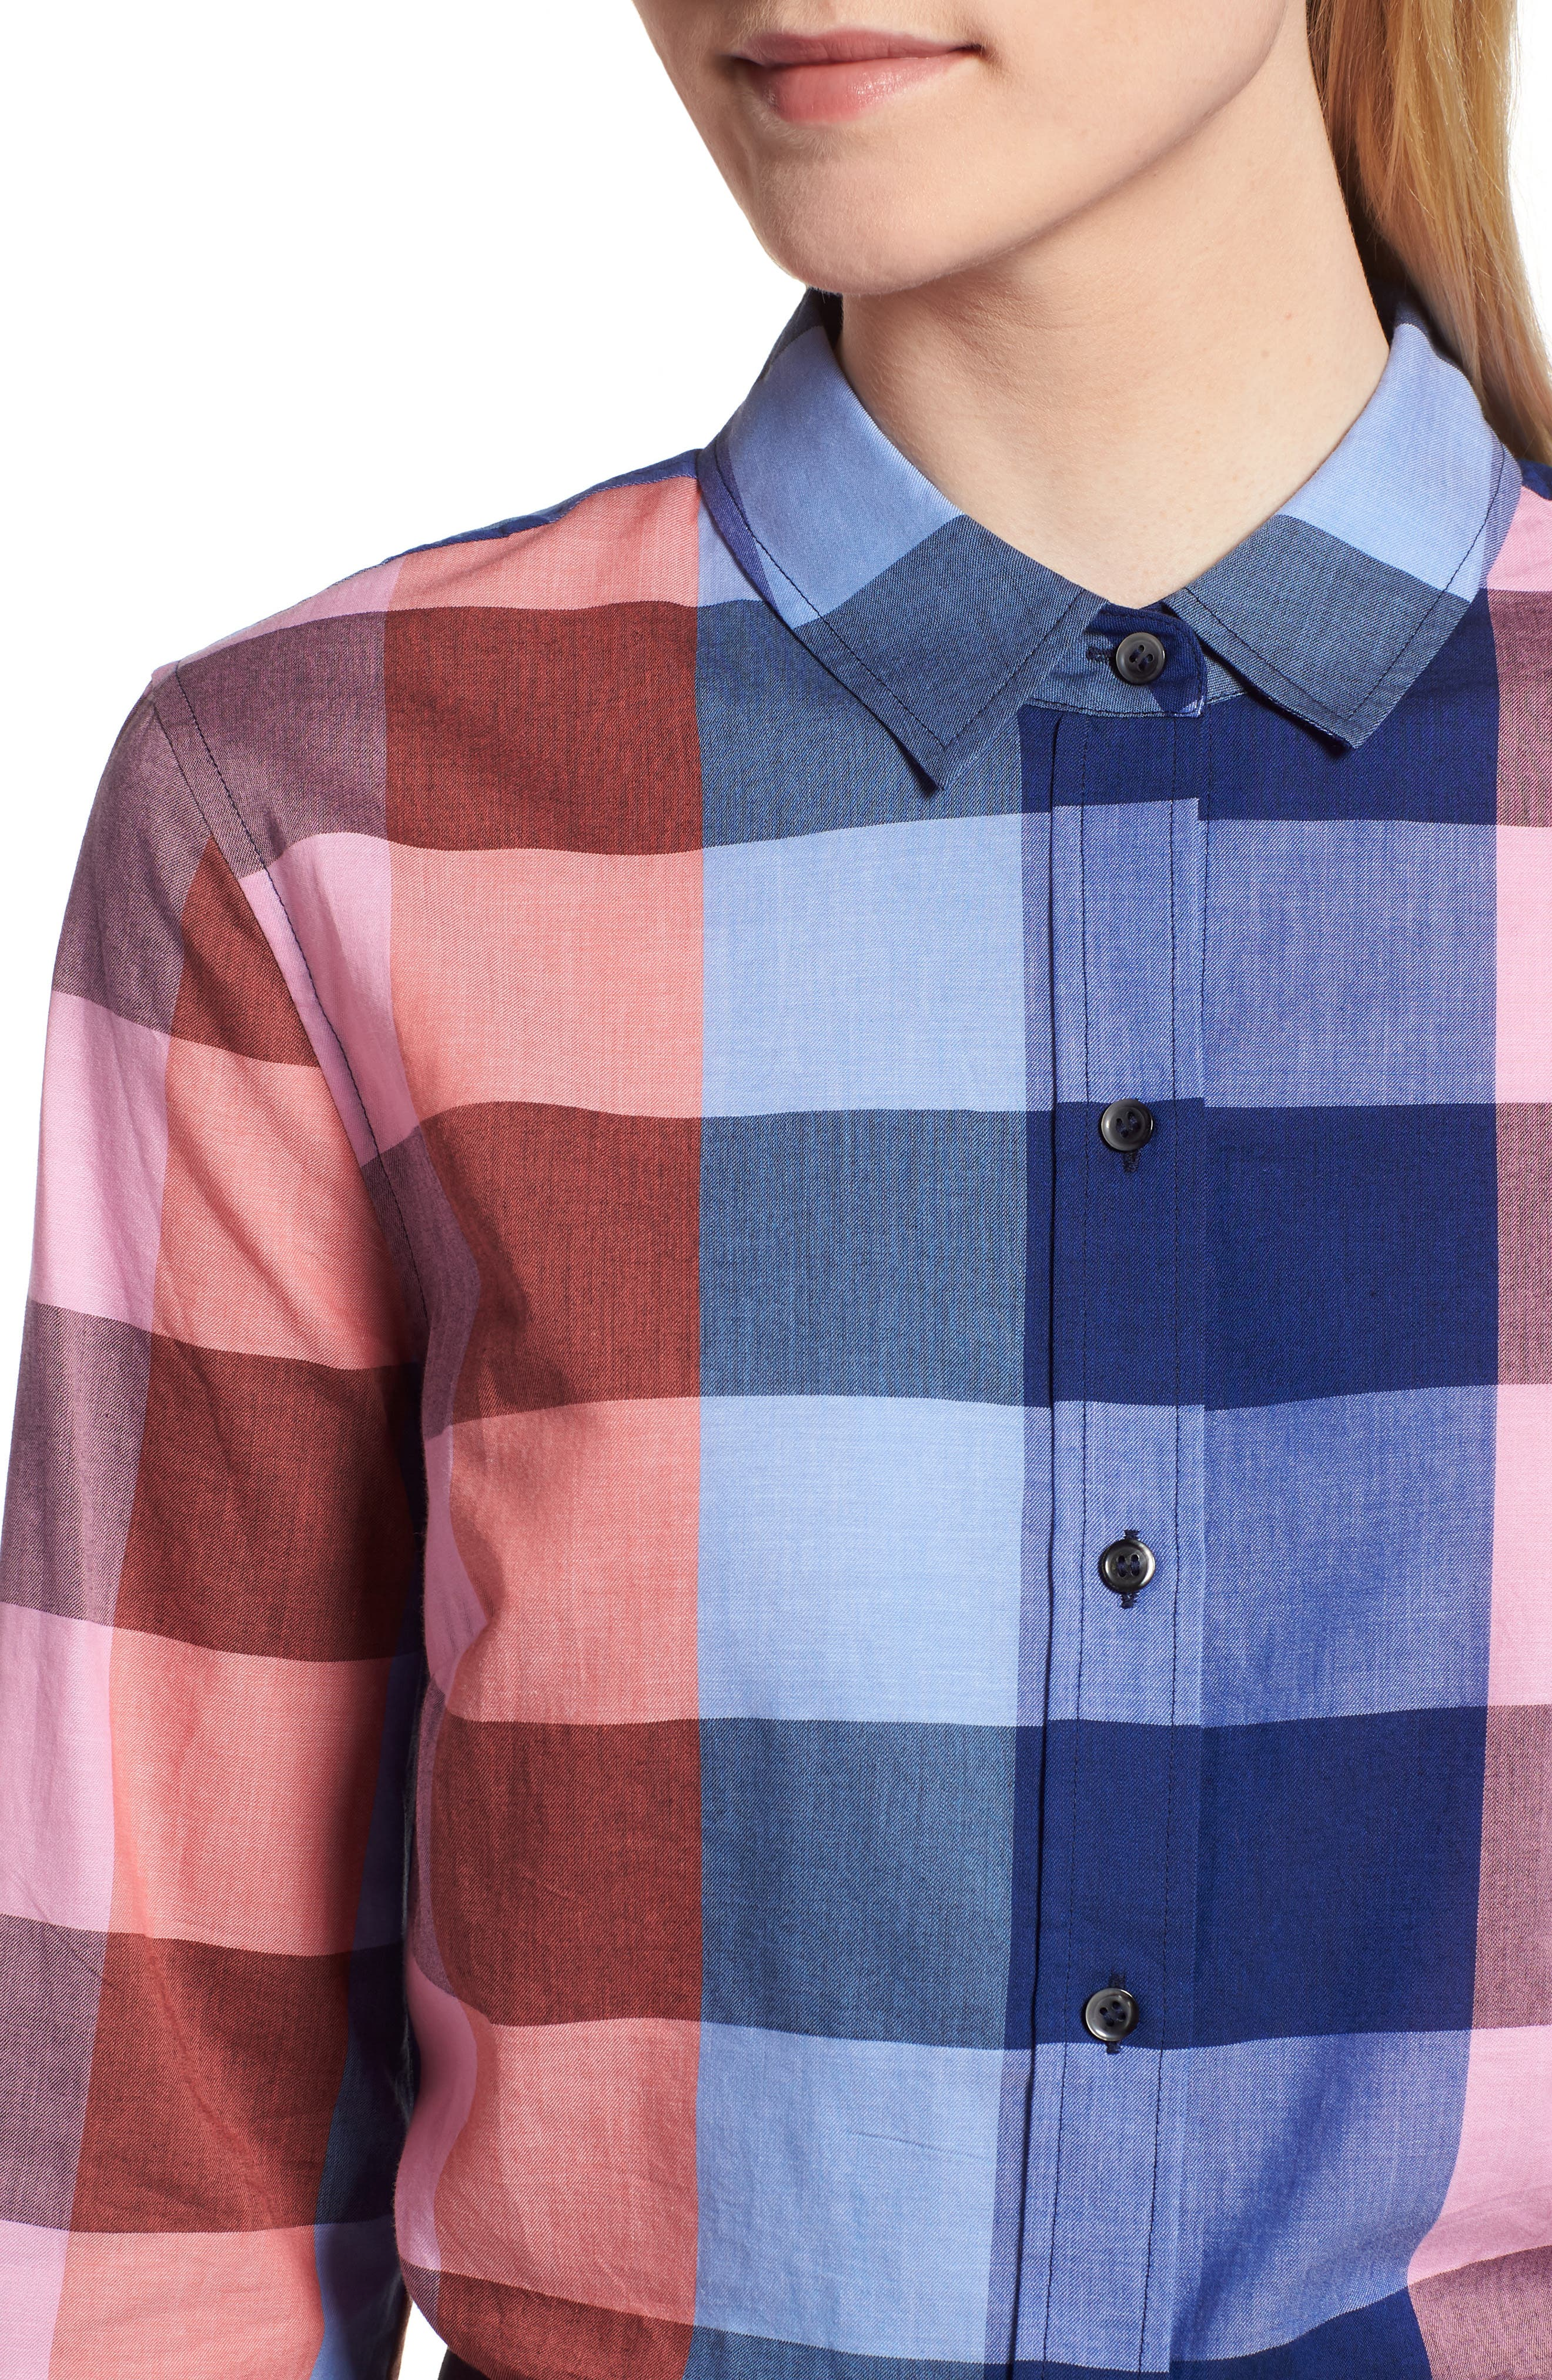 Plaid Cotton Button-Down Shirt,                             Alternate thumbnail 4, color,                             Blue- Pink Plaid